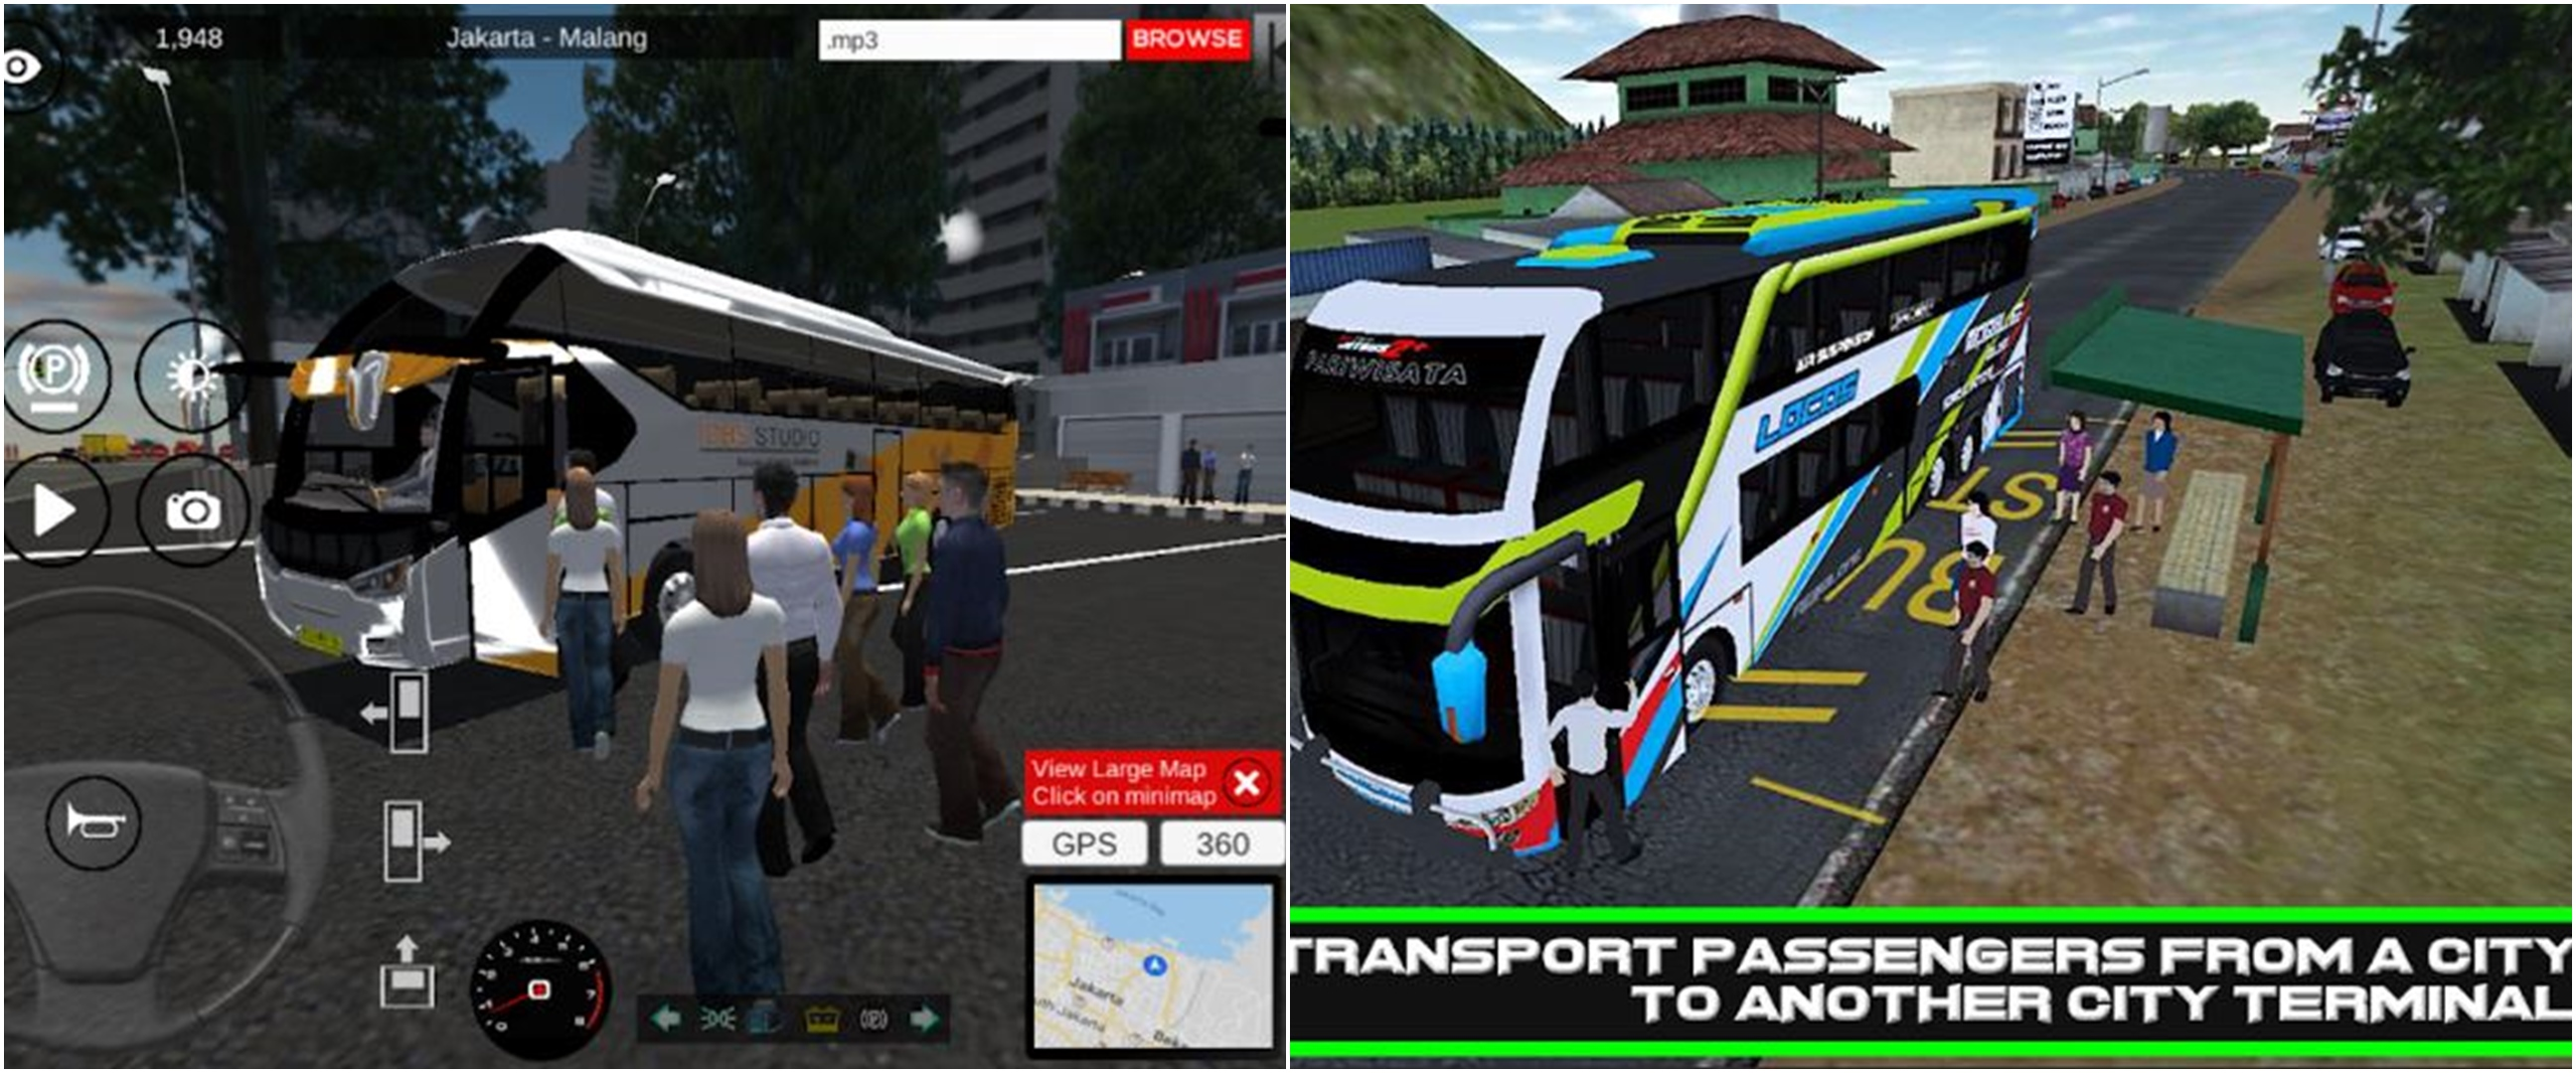 Rekomendasi 6 video game bus simulator di Android, realistis abis